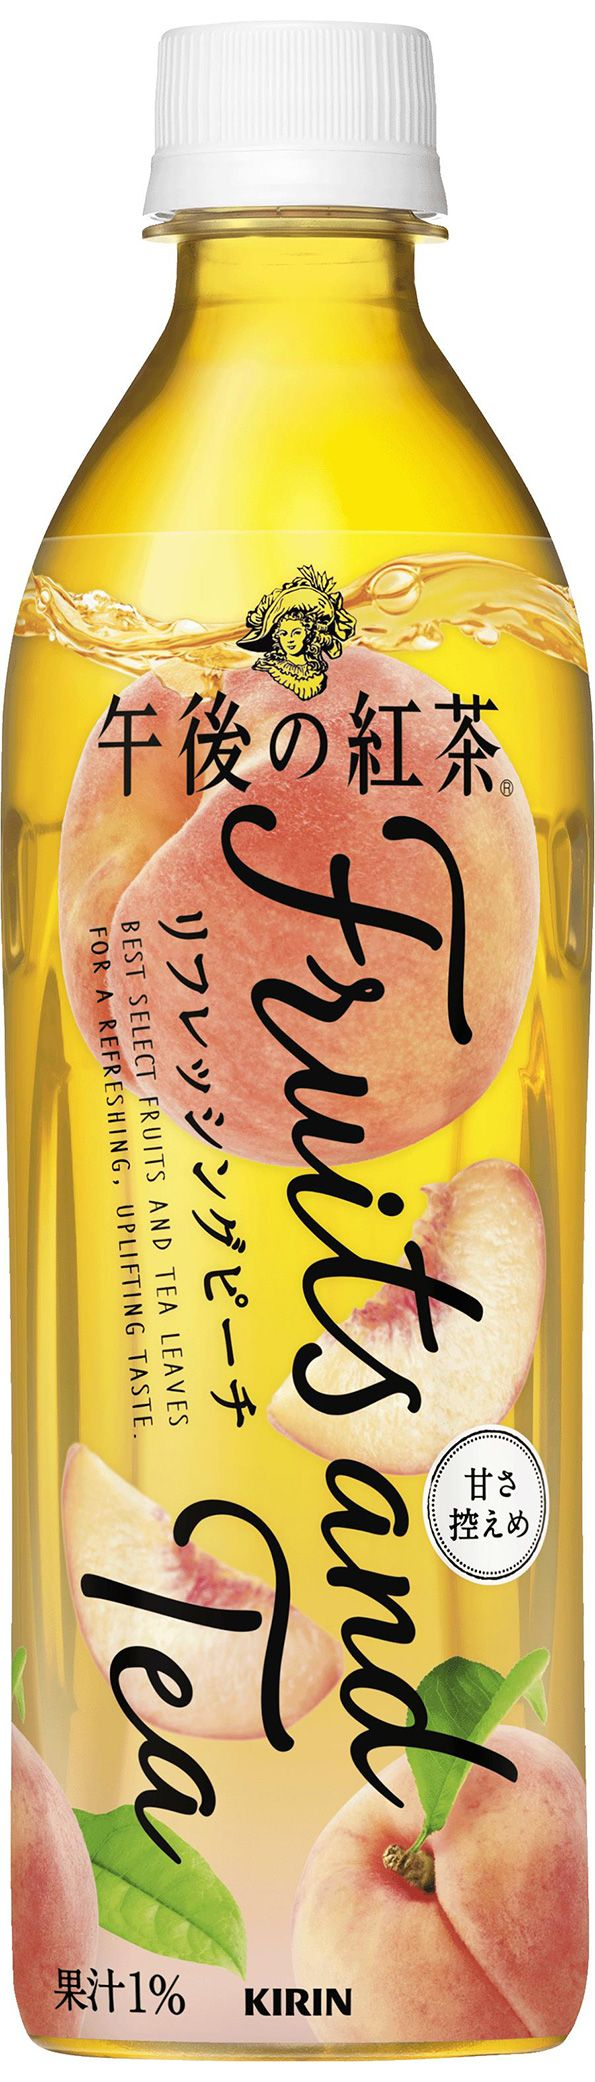 「キリン 午後の紅茶 Fruits and Tea リフレッシングピーチ」商品画像